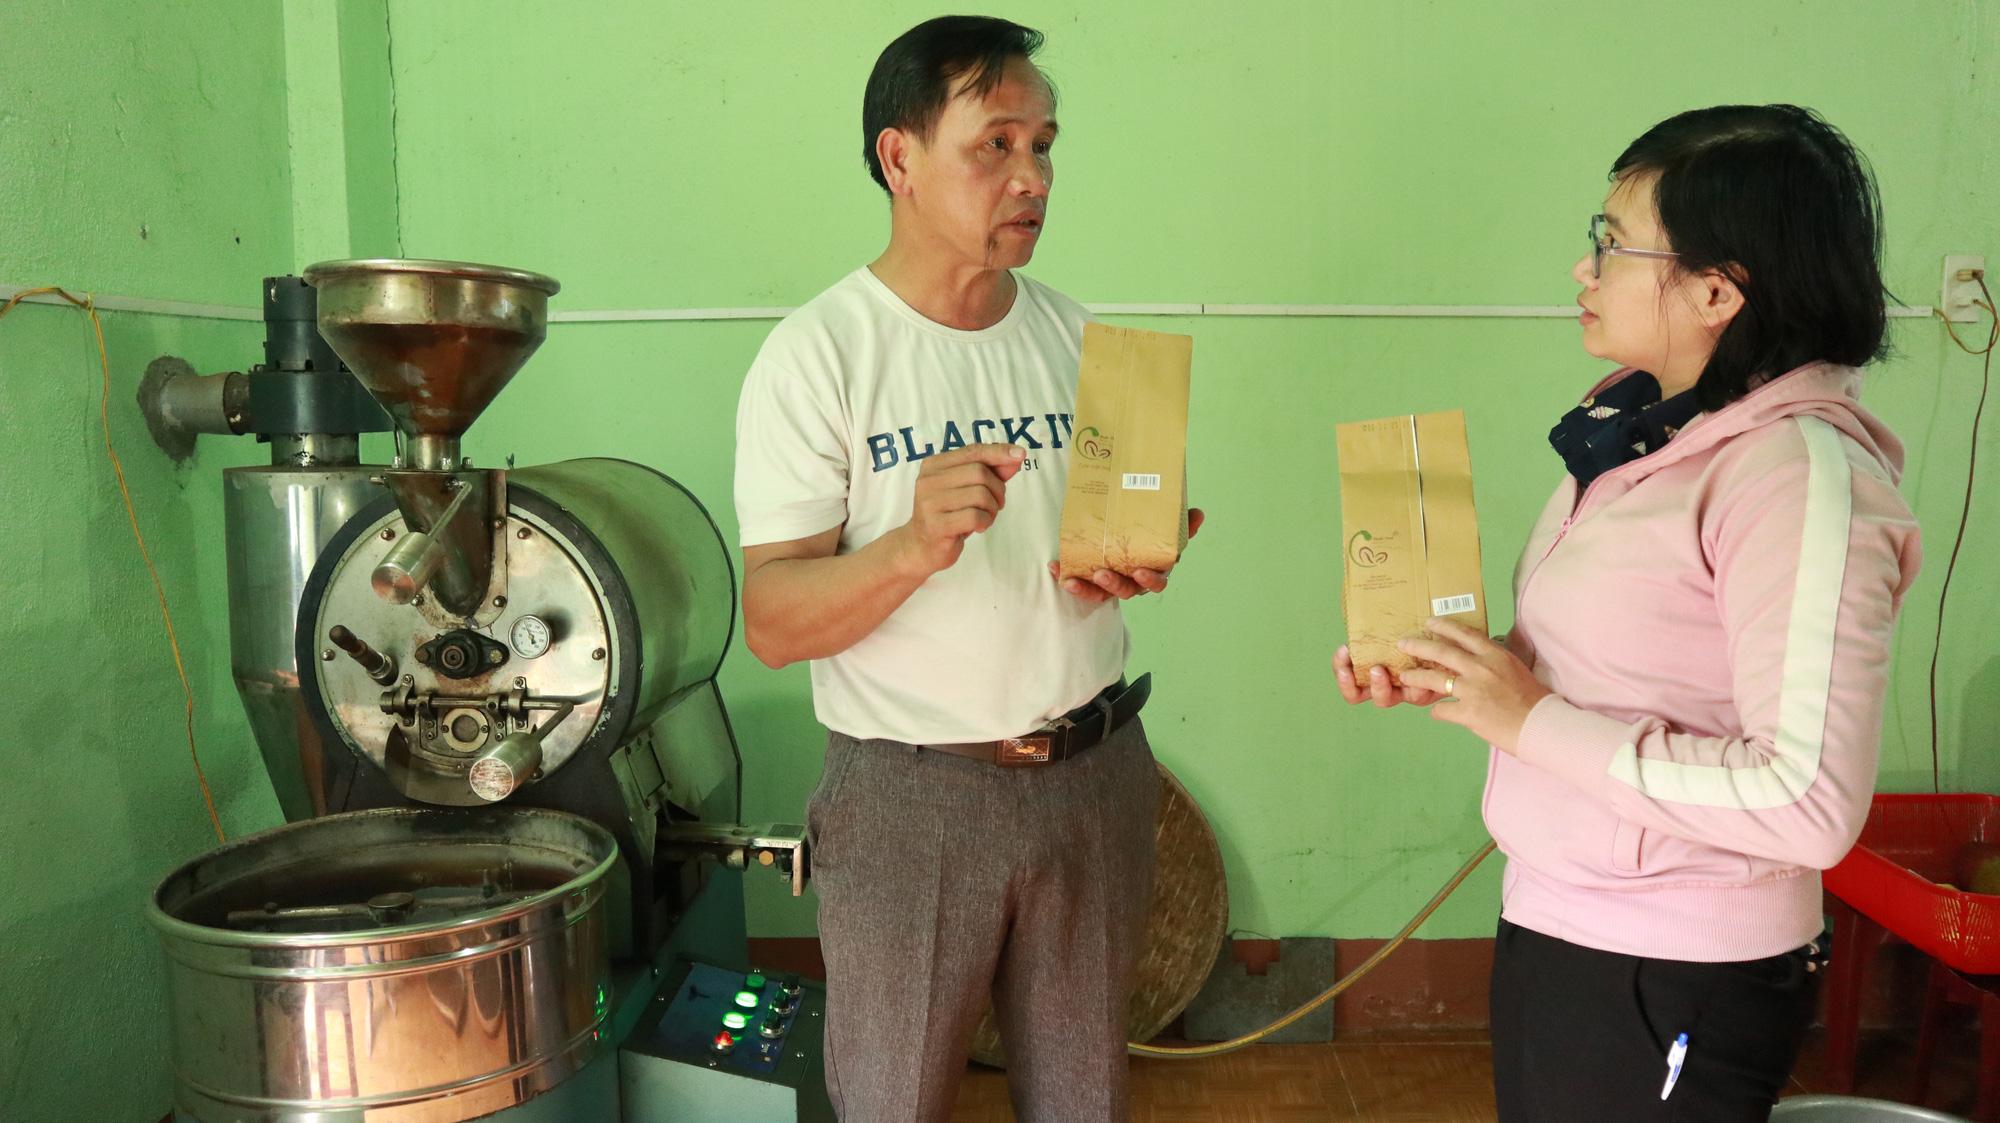 Lâm Đồng phấn đấu có 43 sản phẩm OCOP cấp tỉnh và quốc gia trong năm 2020 - Ảnh 1.